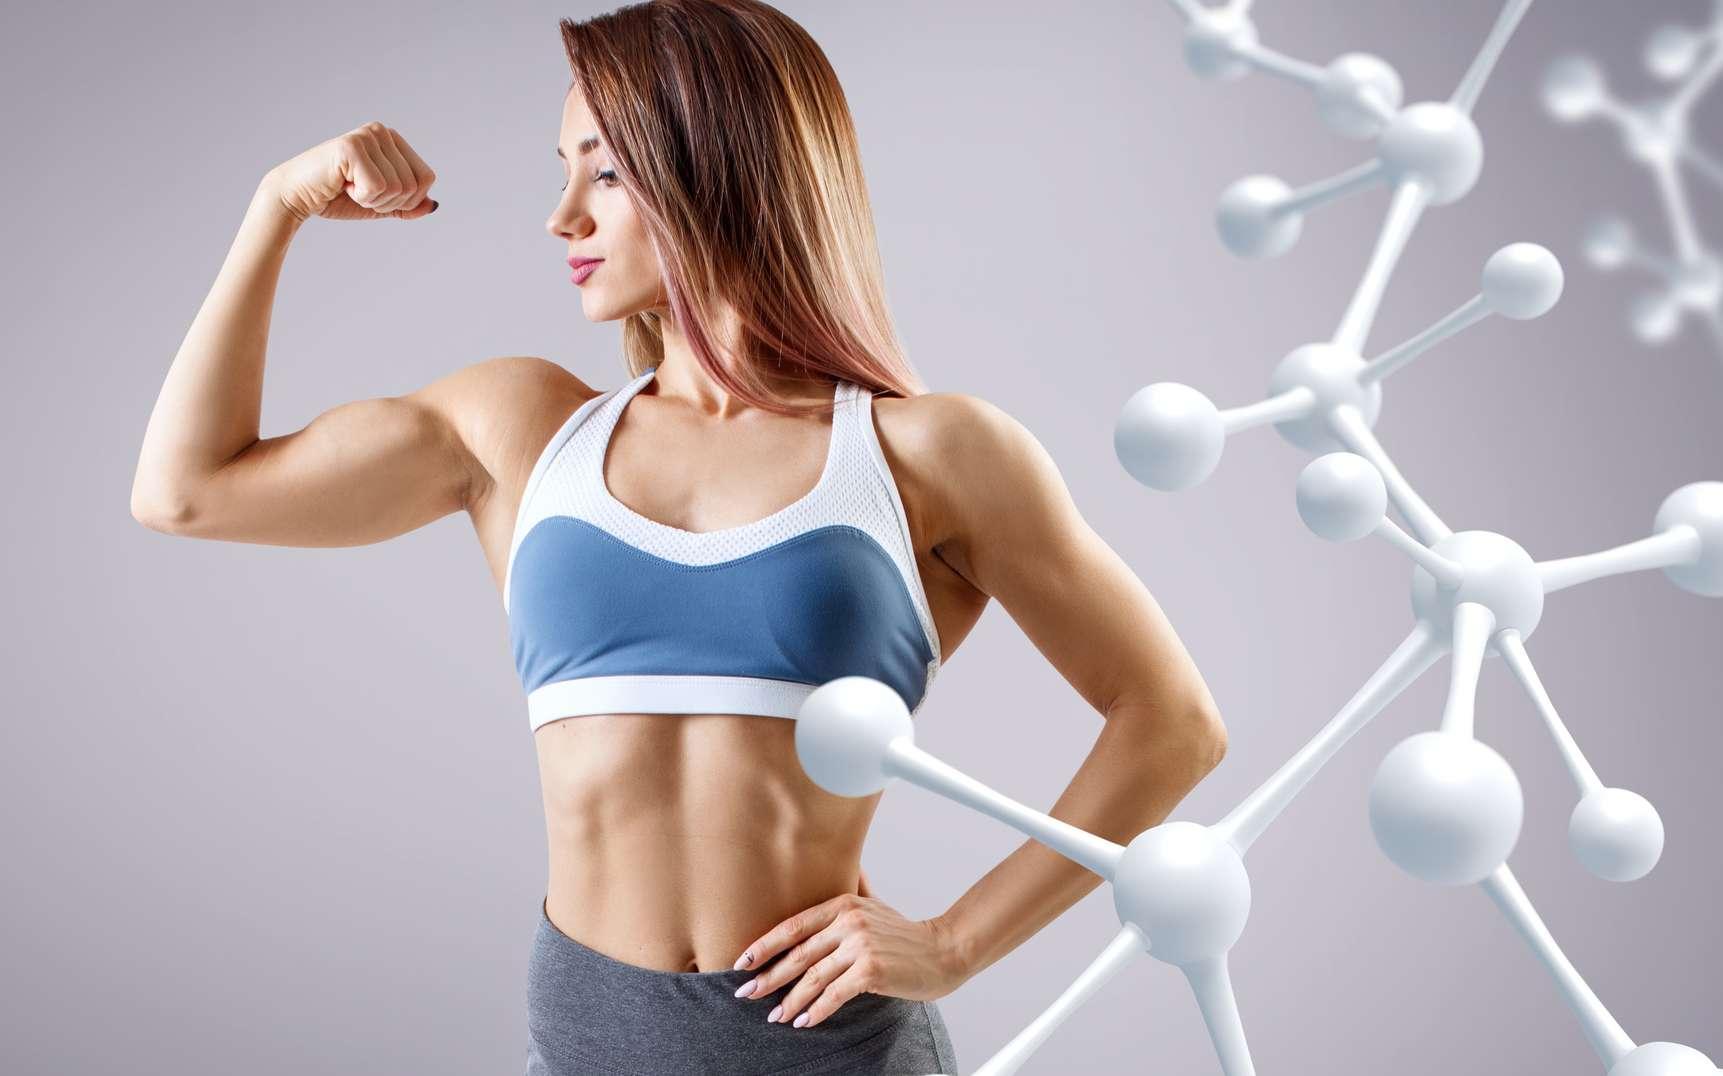 L'anabolisme contribue à la construction de la masse musculaire. © llhedgehogll, Fotolia